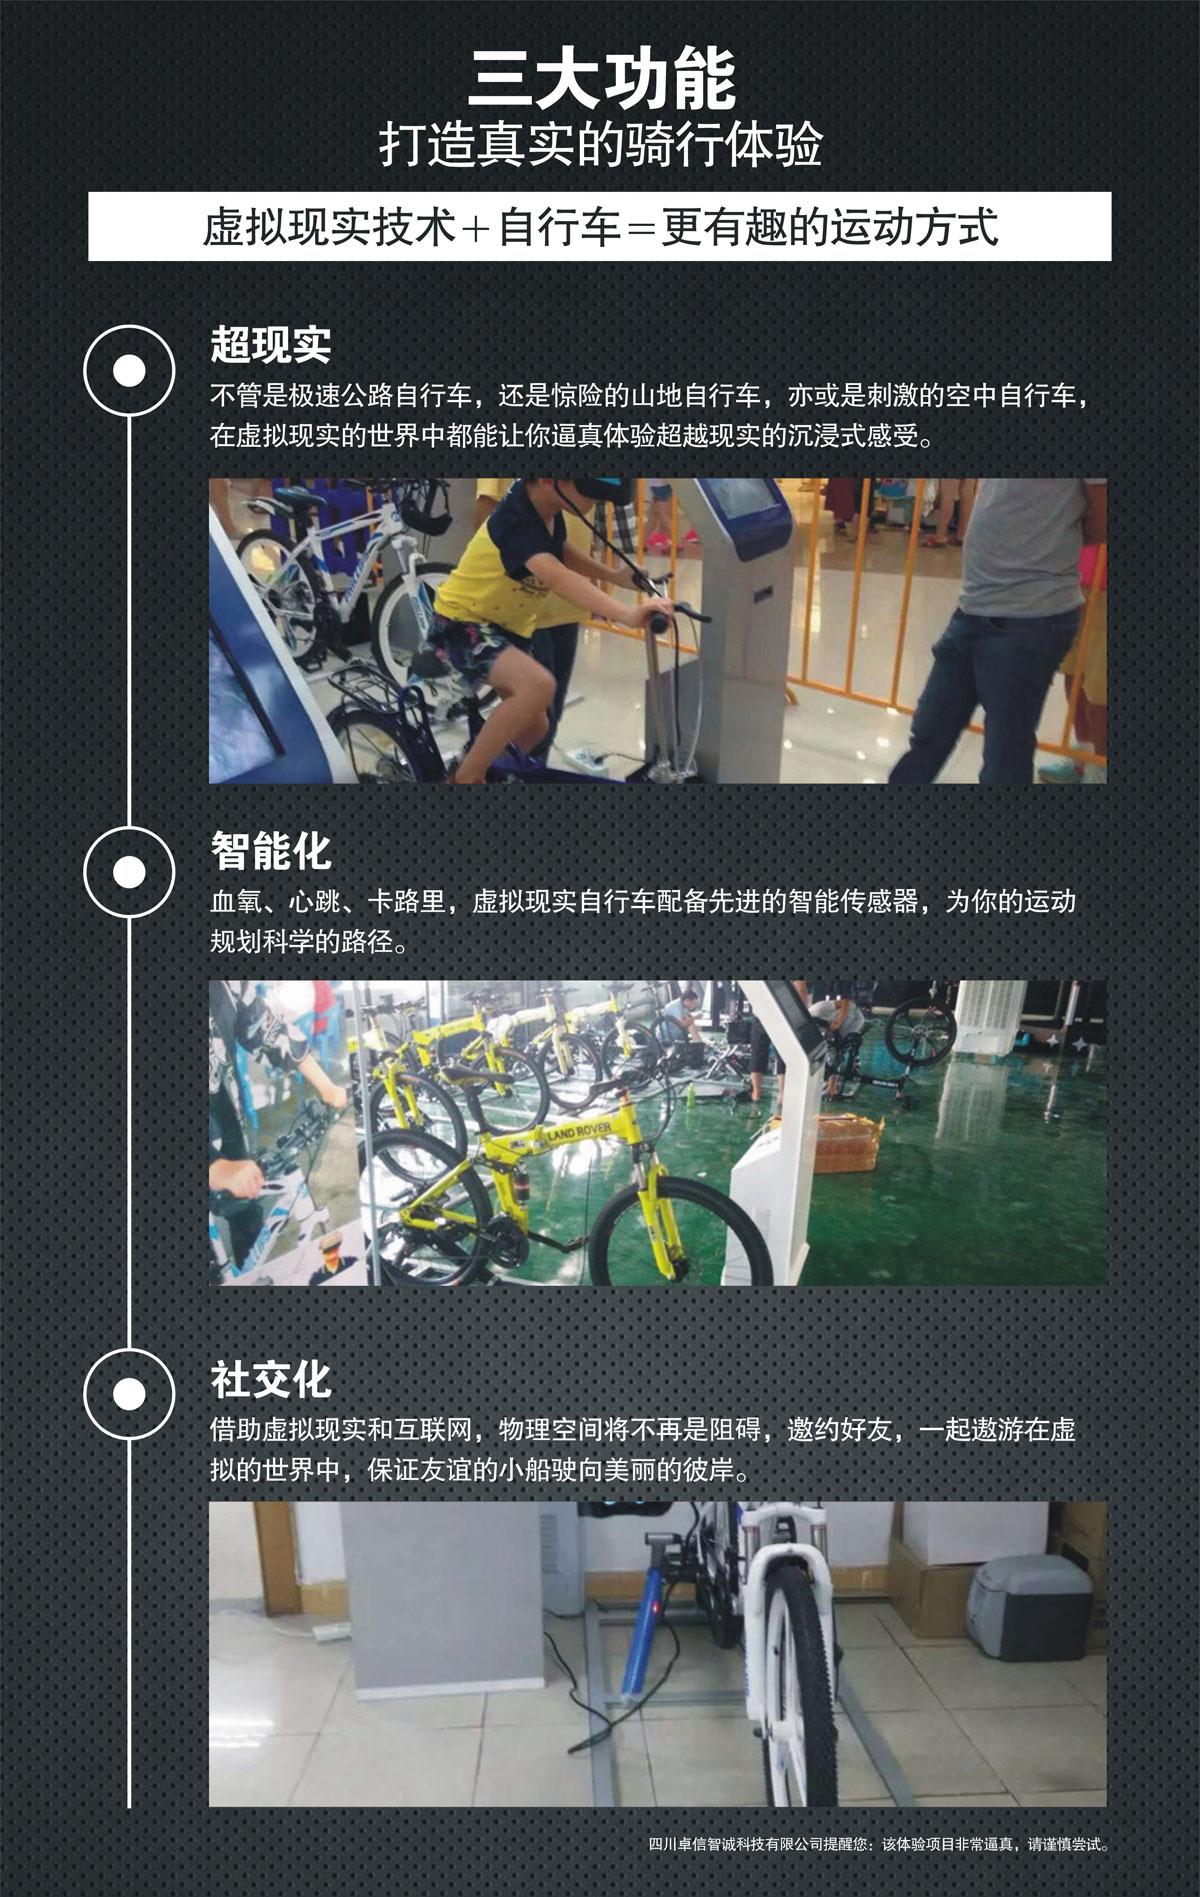 安全体验VR自行车三大功能打造真实骑行体验.jpg